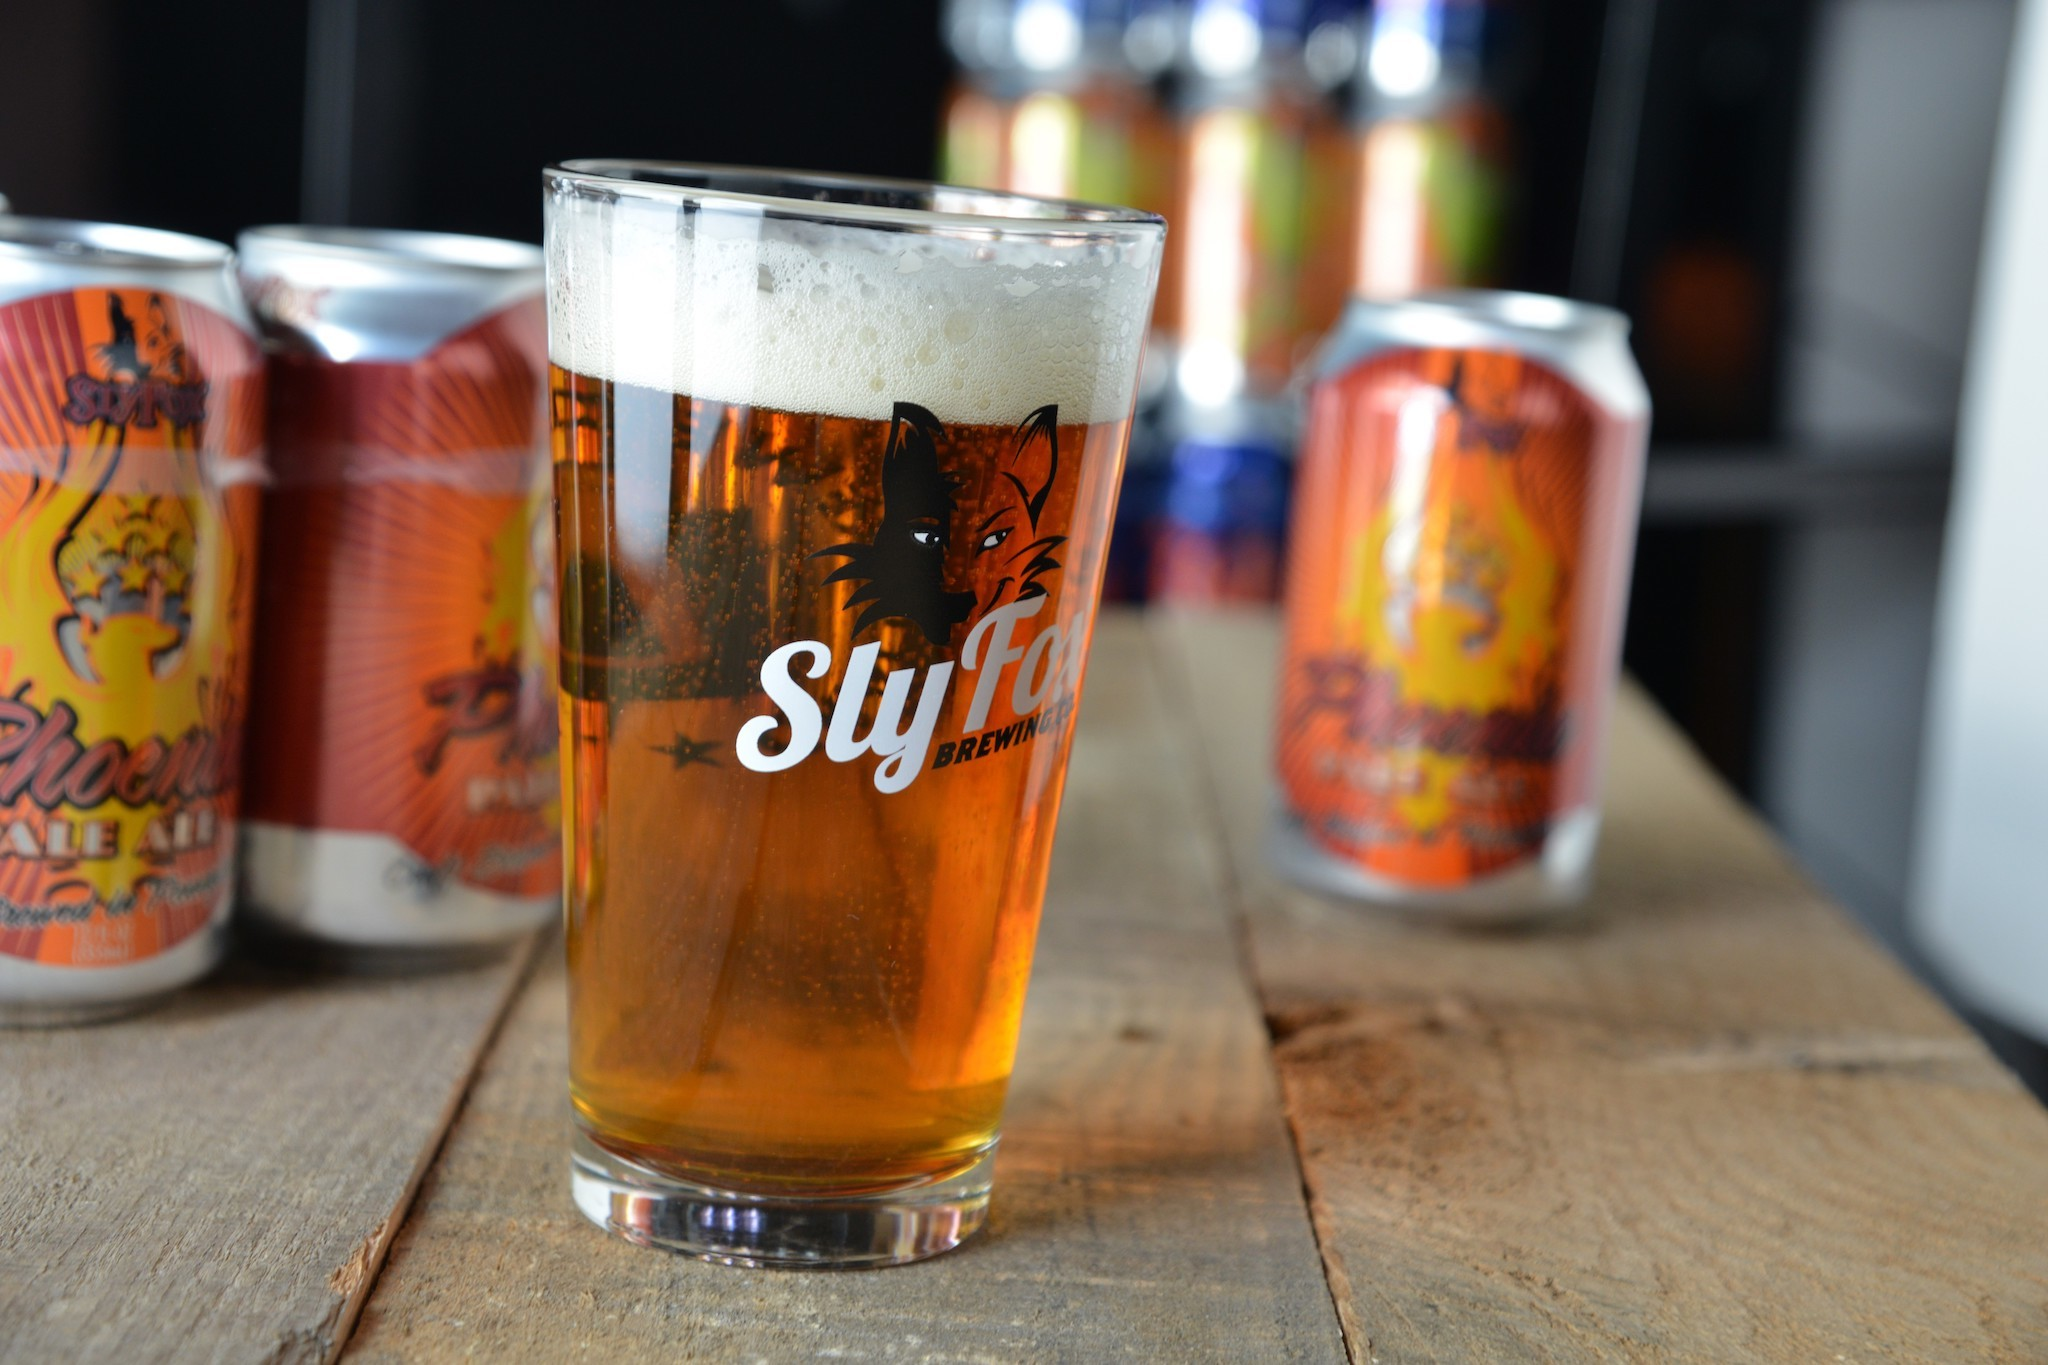 Sly Fox Brewing Company